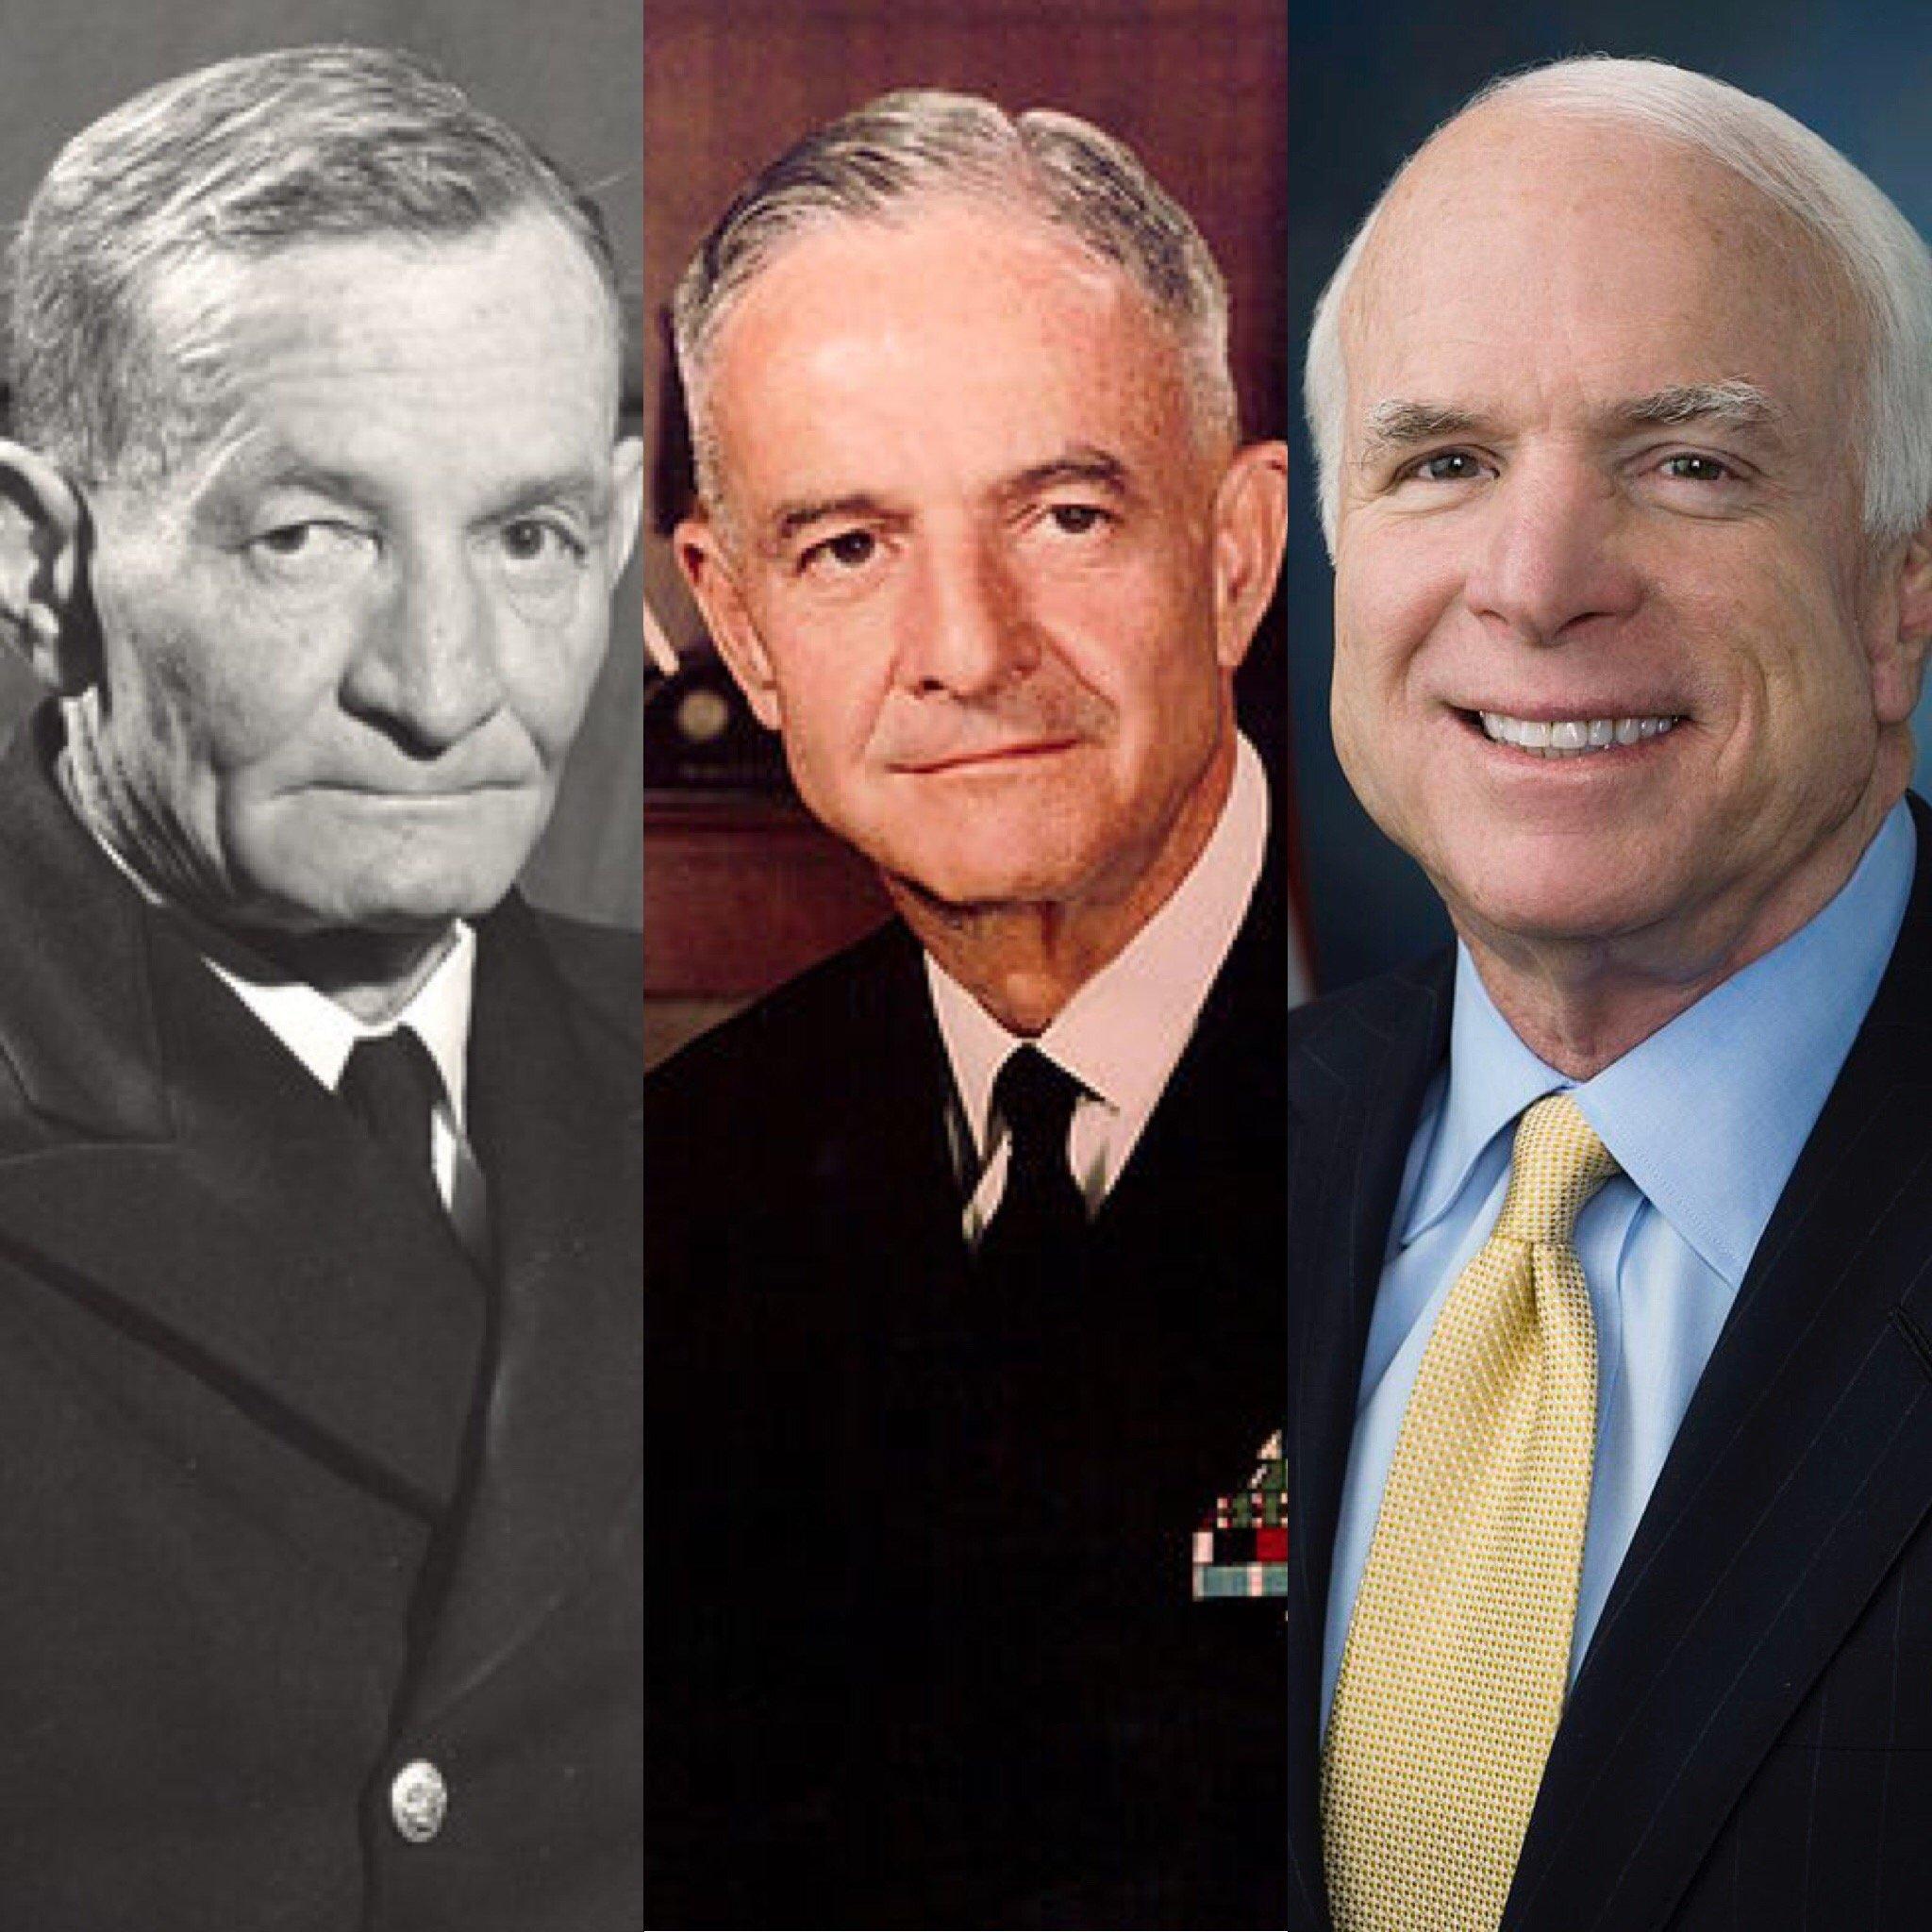 VIDEO: Sen. John McCain Added To Destroyer's Namesake